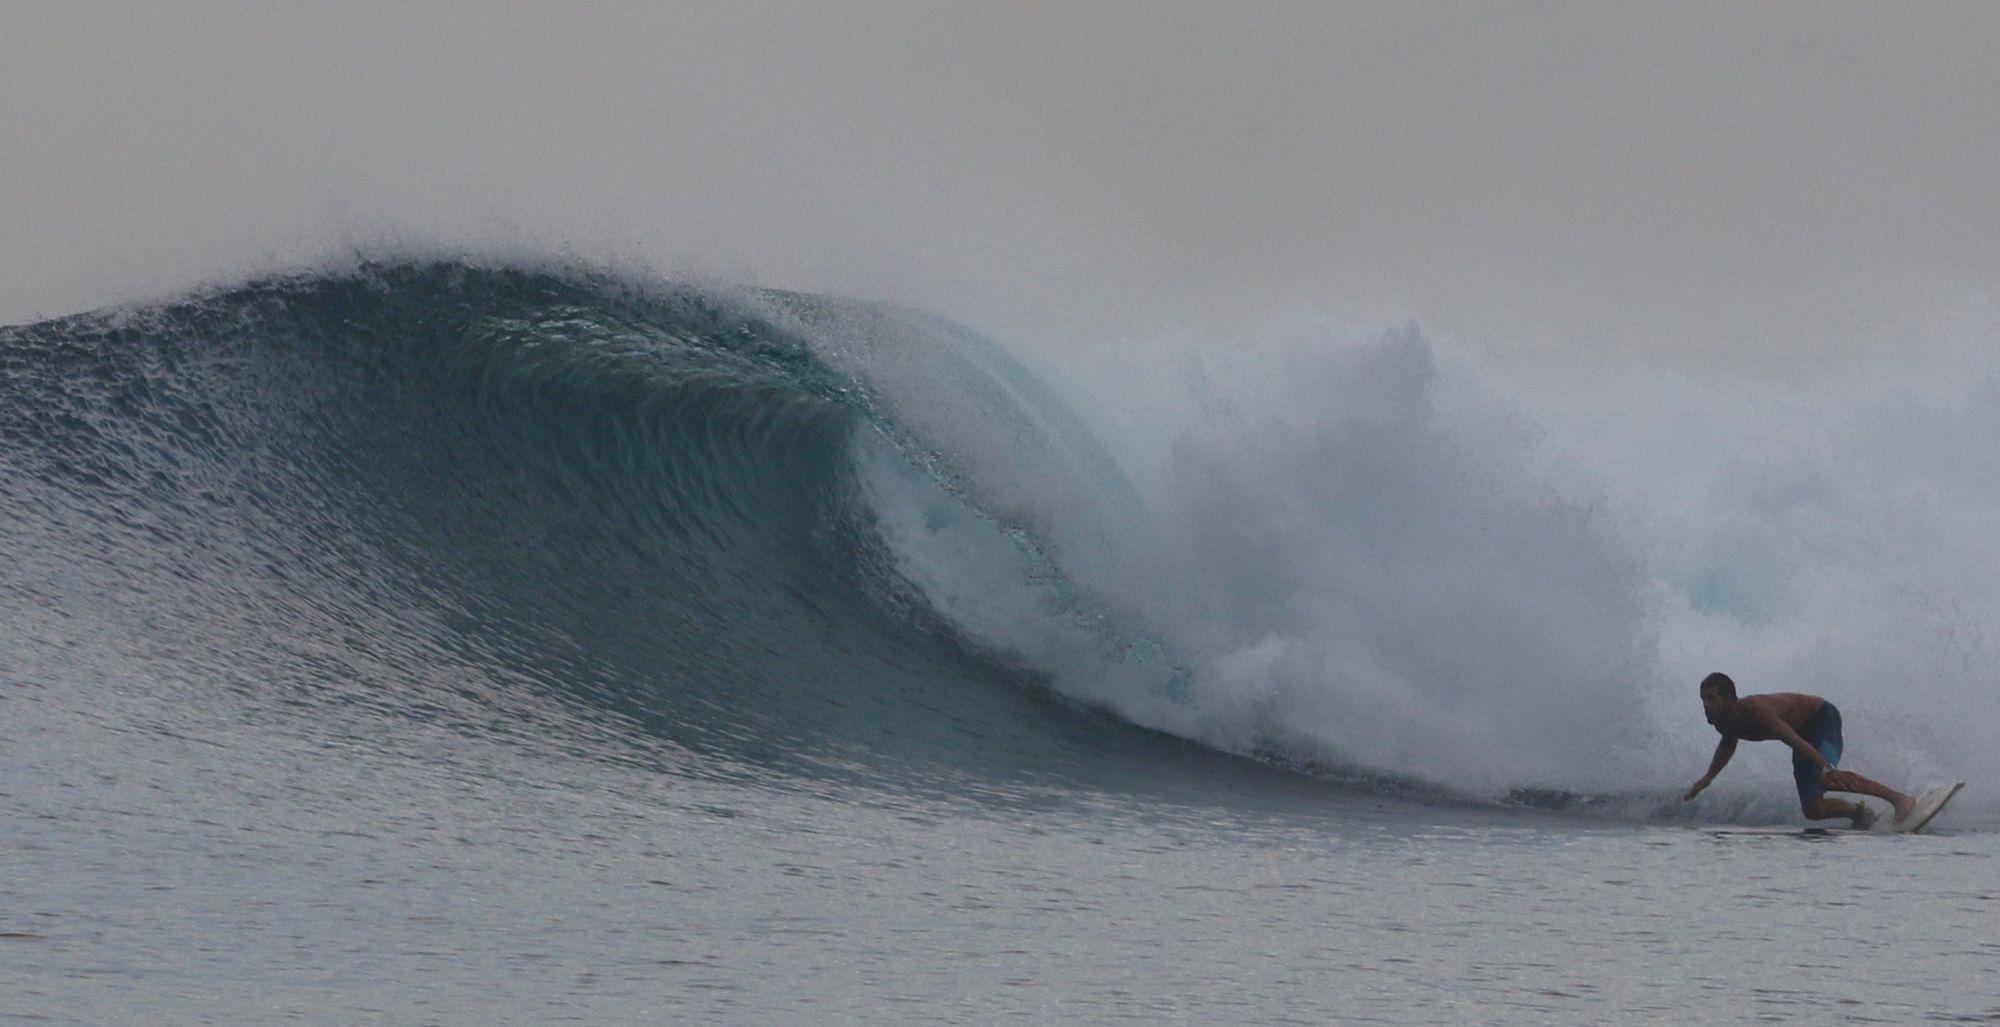 sipora surf